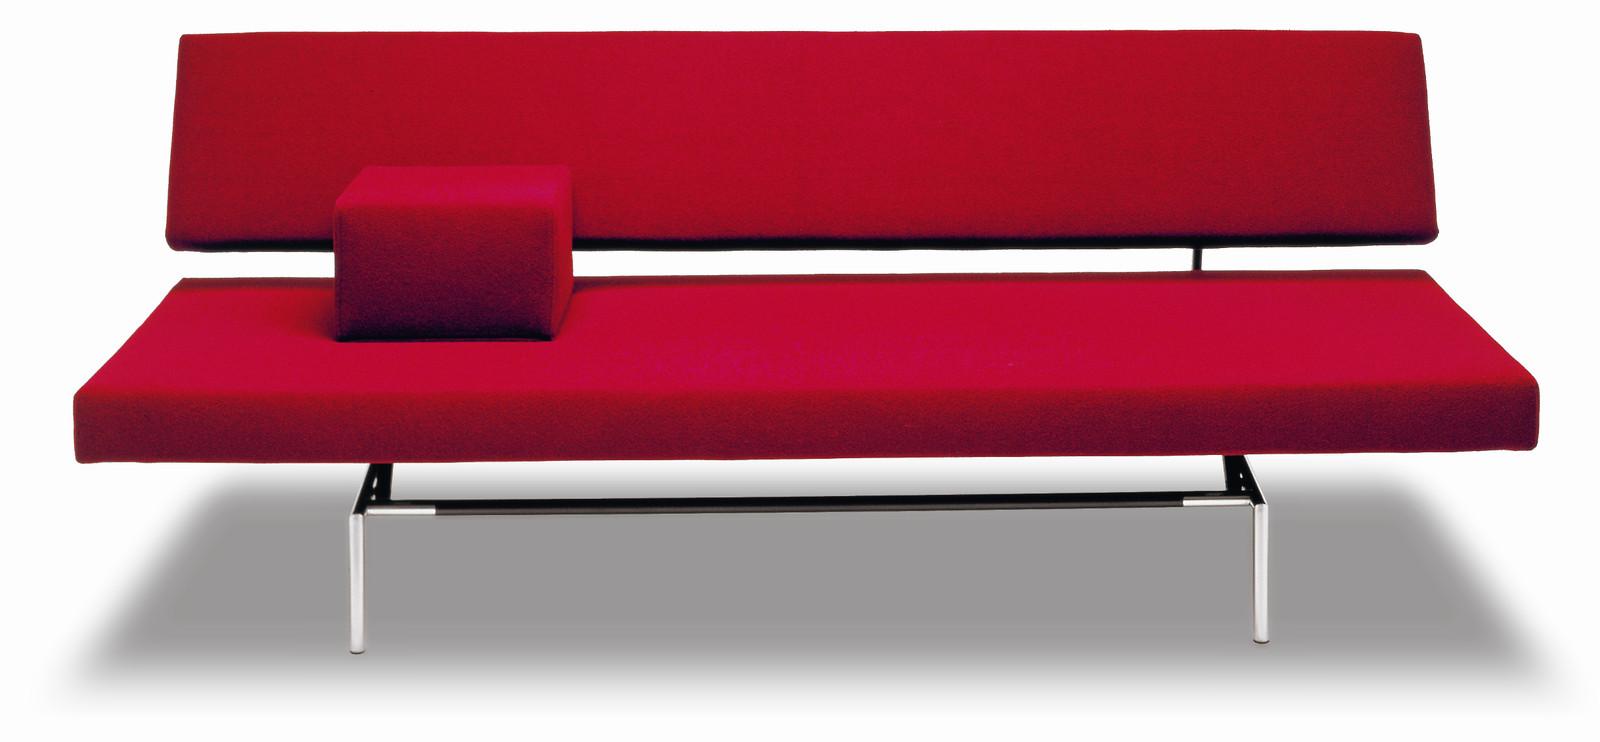 De slaapbank BR 02 van Martin Visser bij Spectrum, zijn bekendste ontwerp.